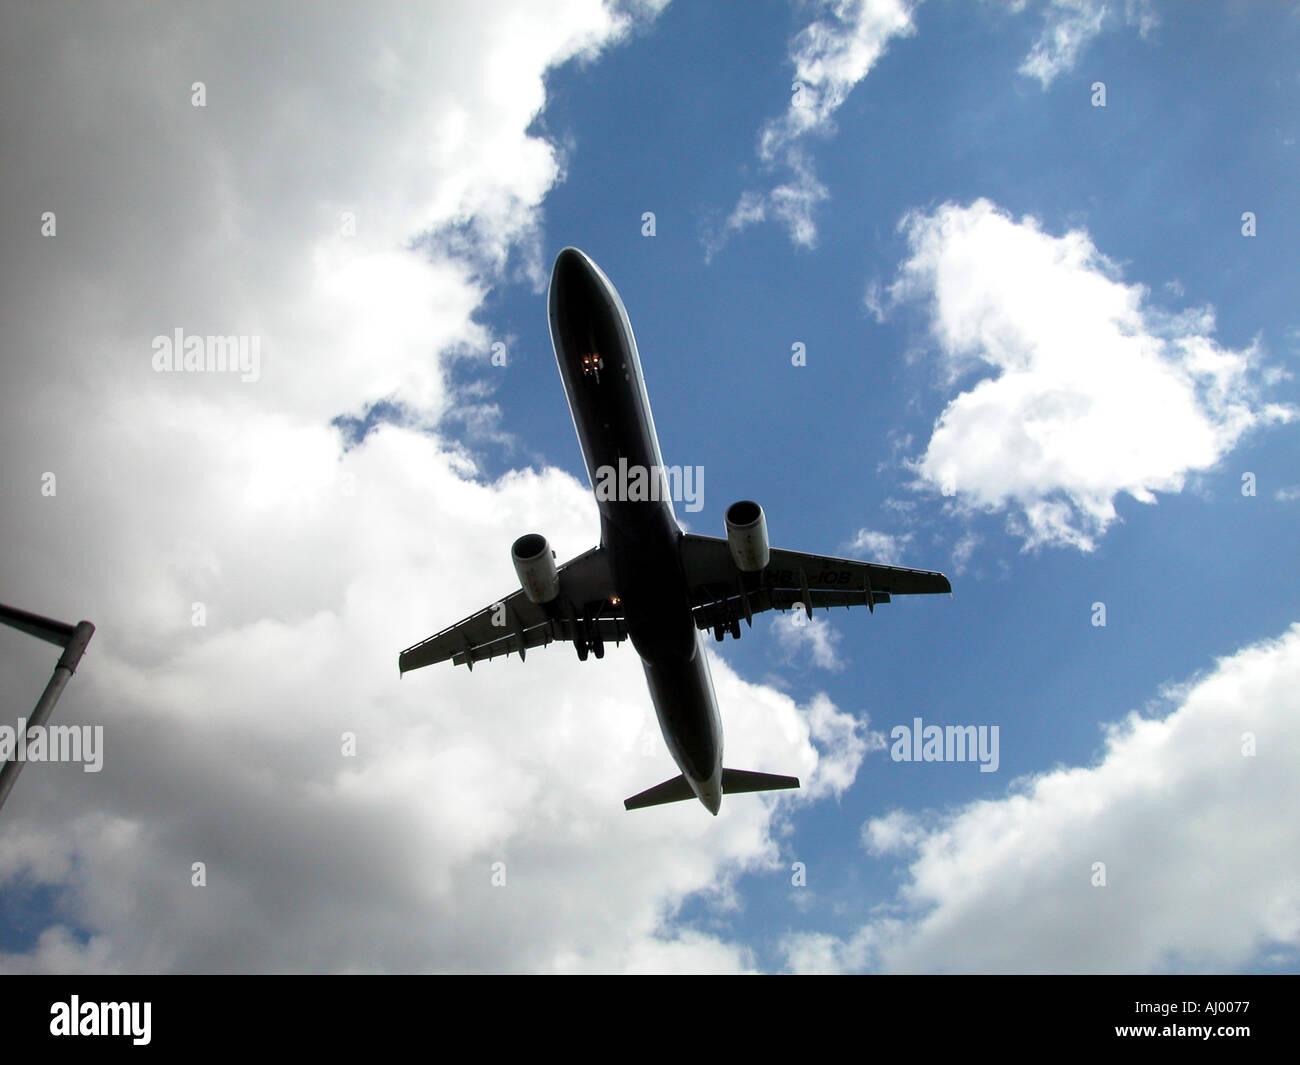 Aircraft landing at Heathrow Airport, London, England, UK. - Stock Image